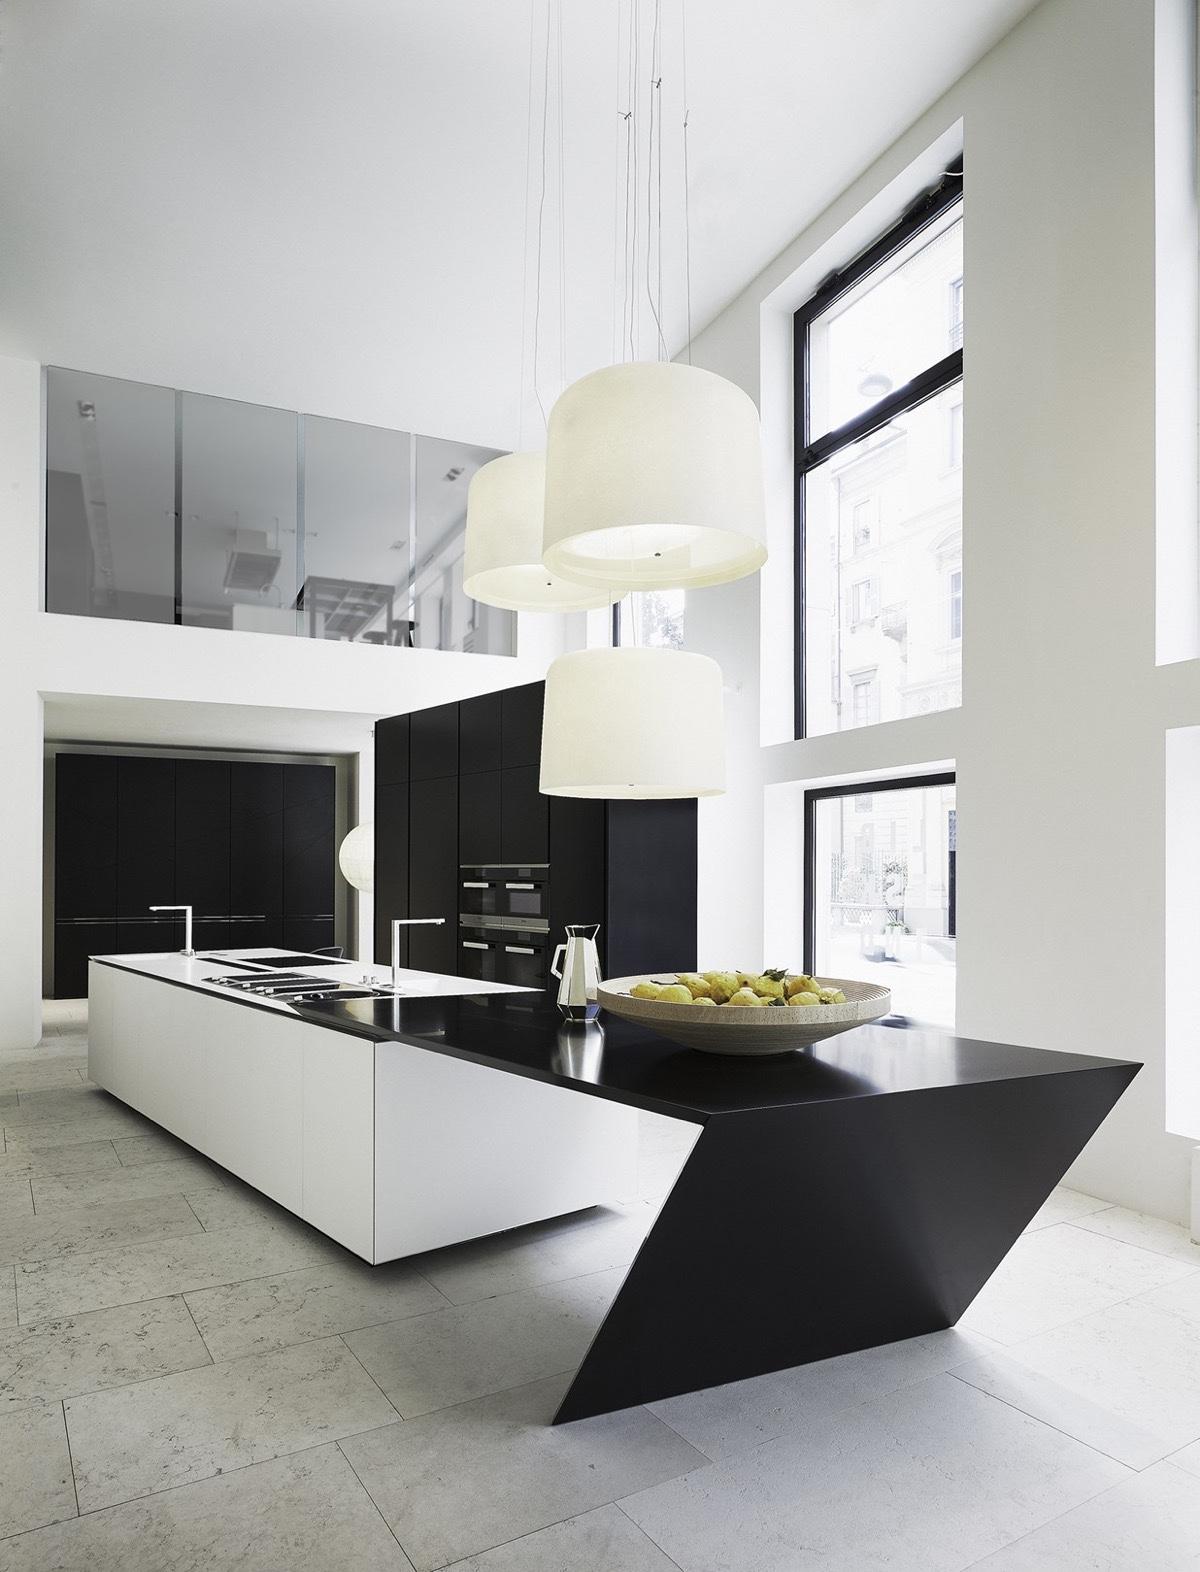 Modern Style Kitchen Design: 50 Modern Kitchen Designs That Use Unconventional Geometry